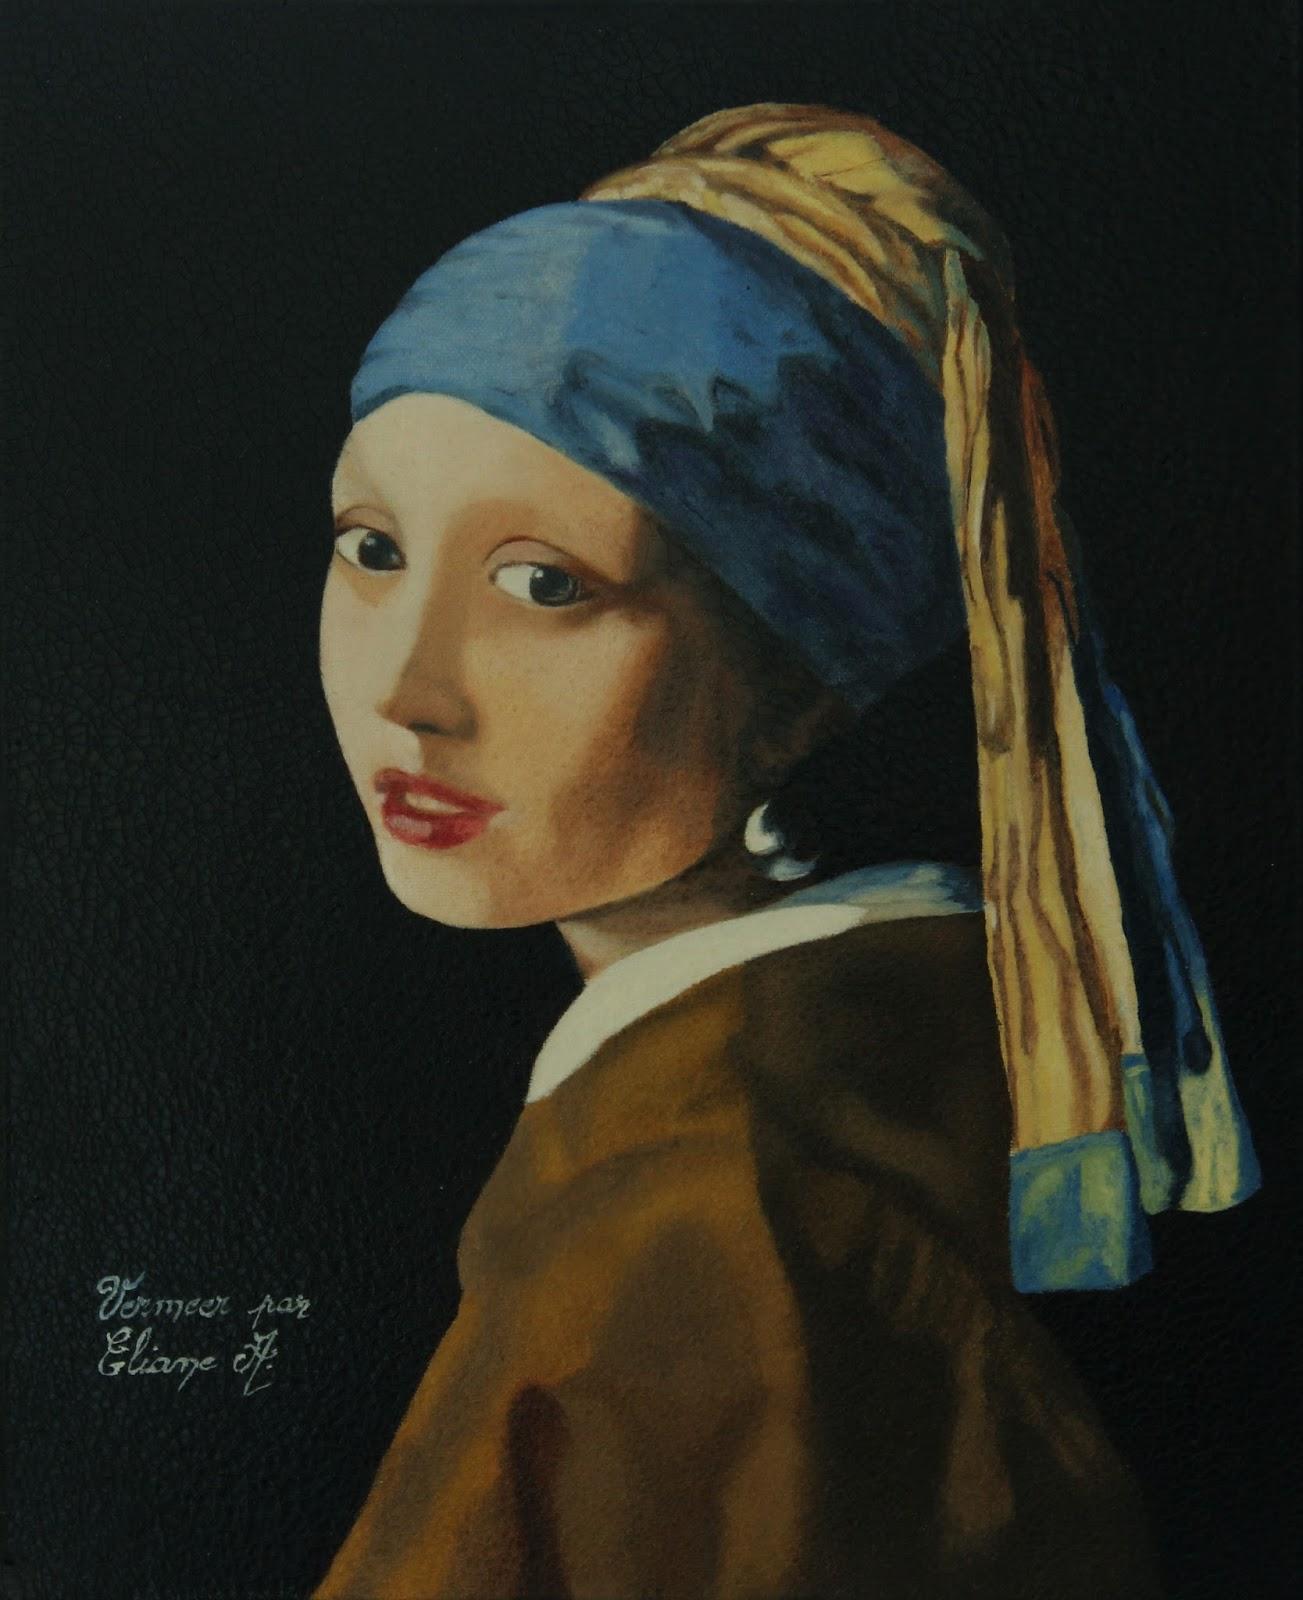 Eliane allaert artiste peintre septembre 2013 for Combien prend un peintre au m2